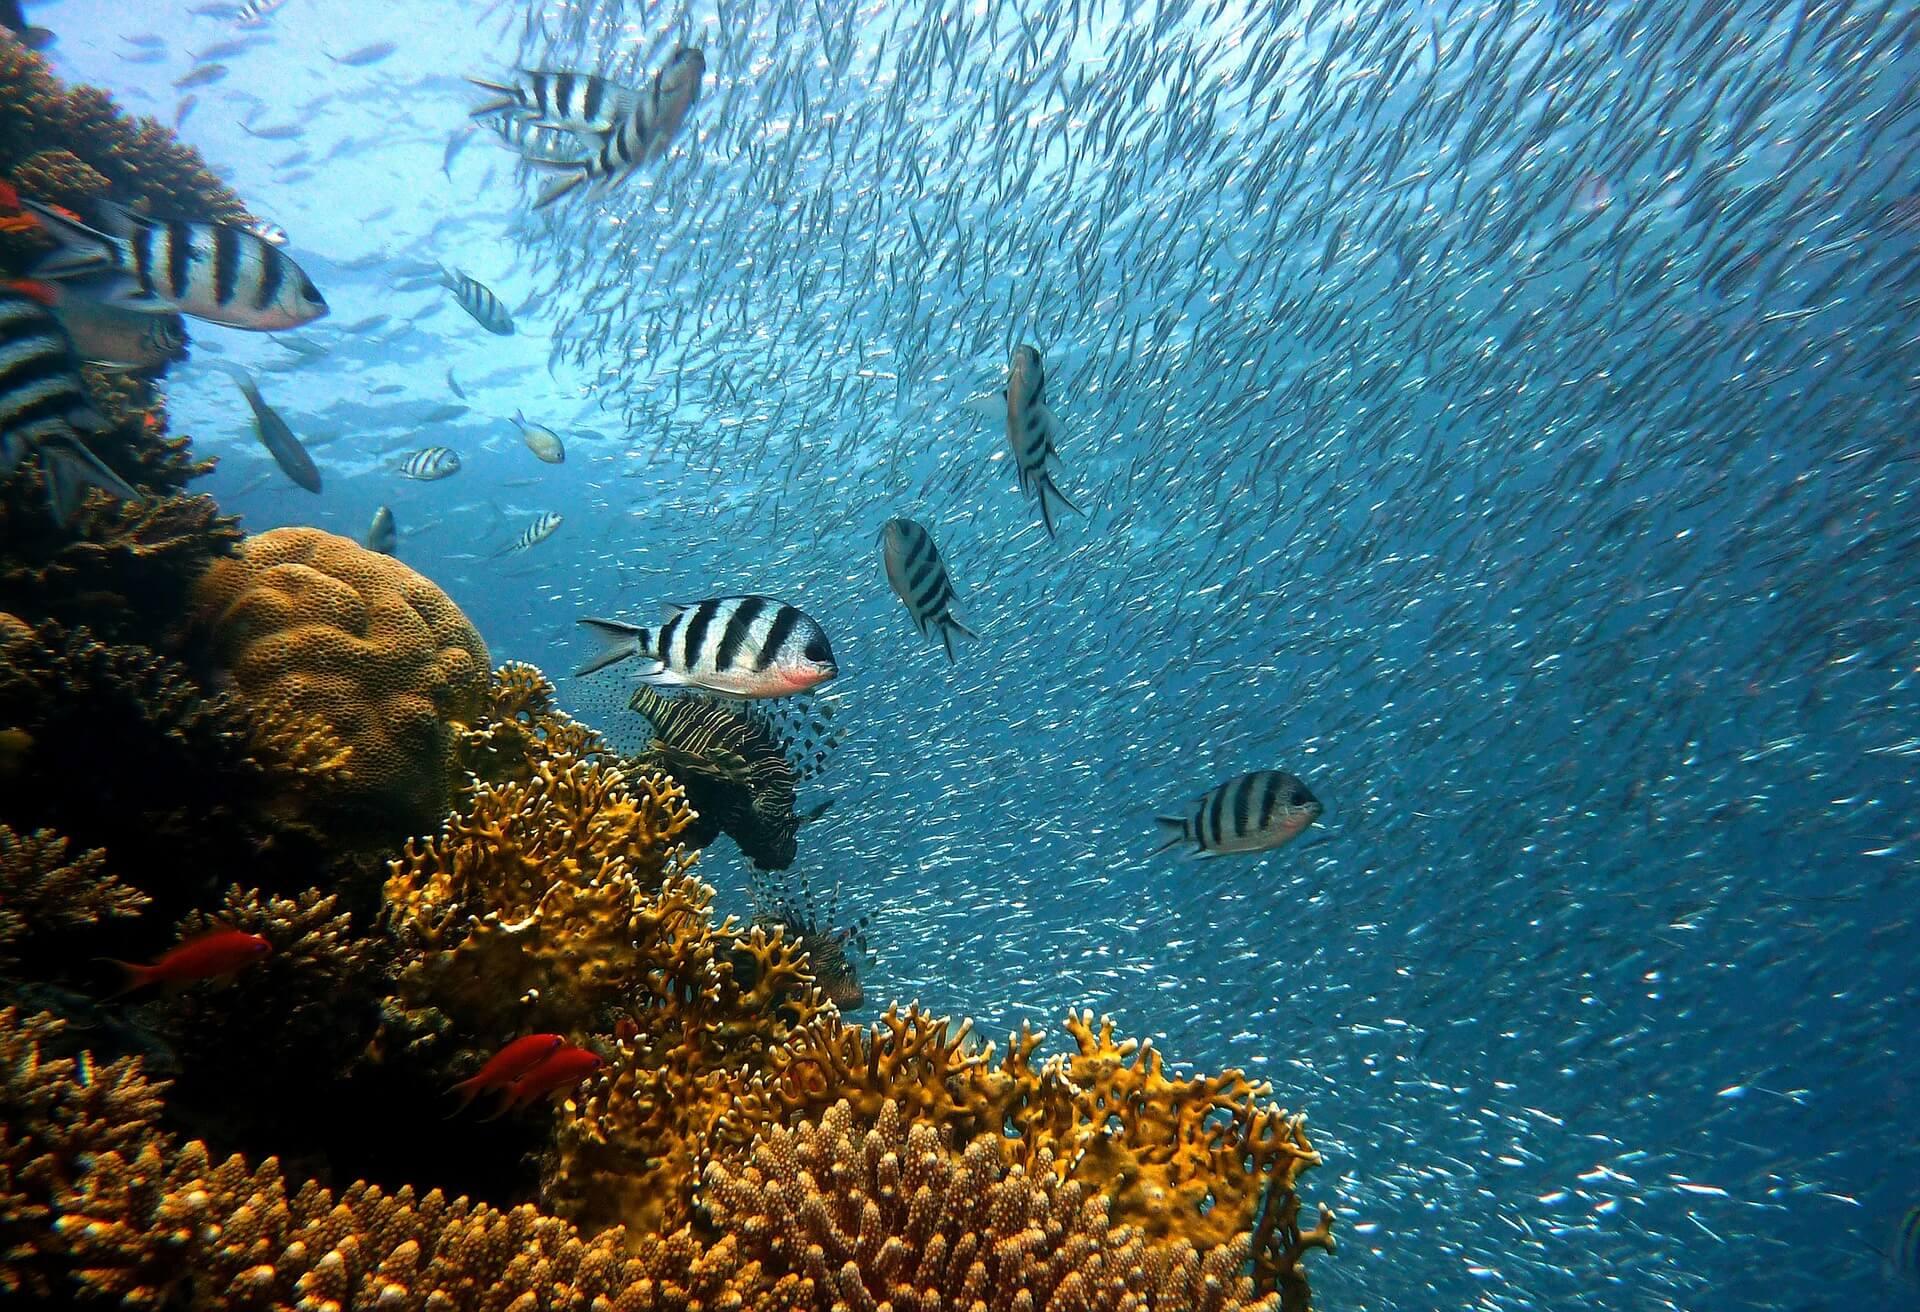 水中でも撮影できる防水ビデオカメラの種類と選び方